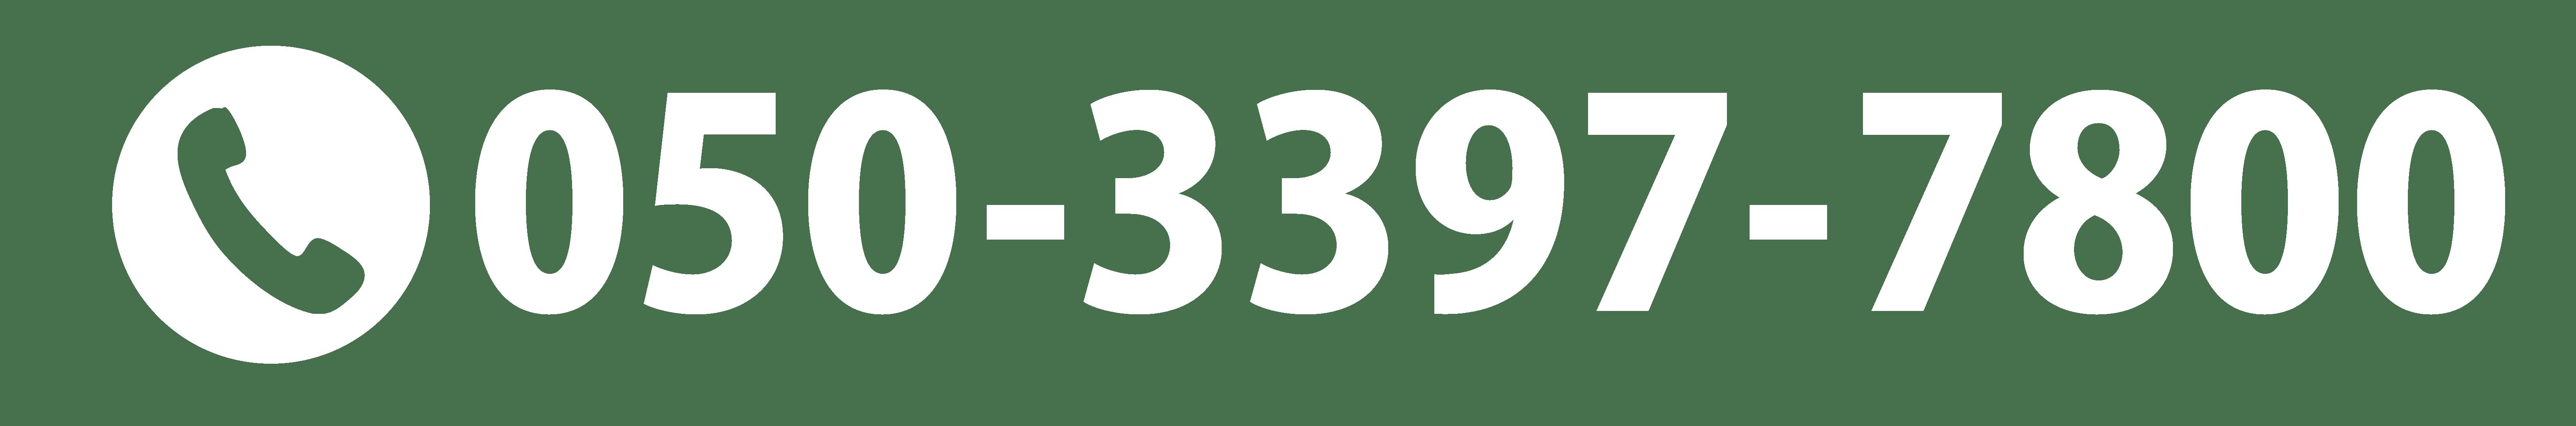 池袋校生徒様専用|電話番号